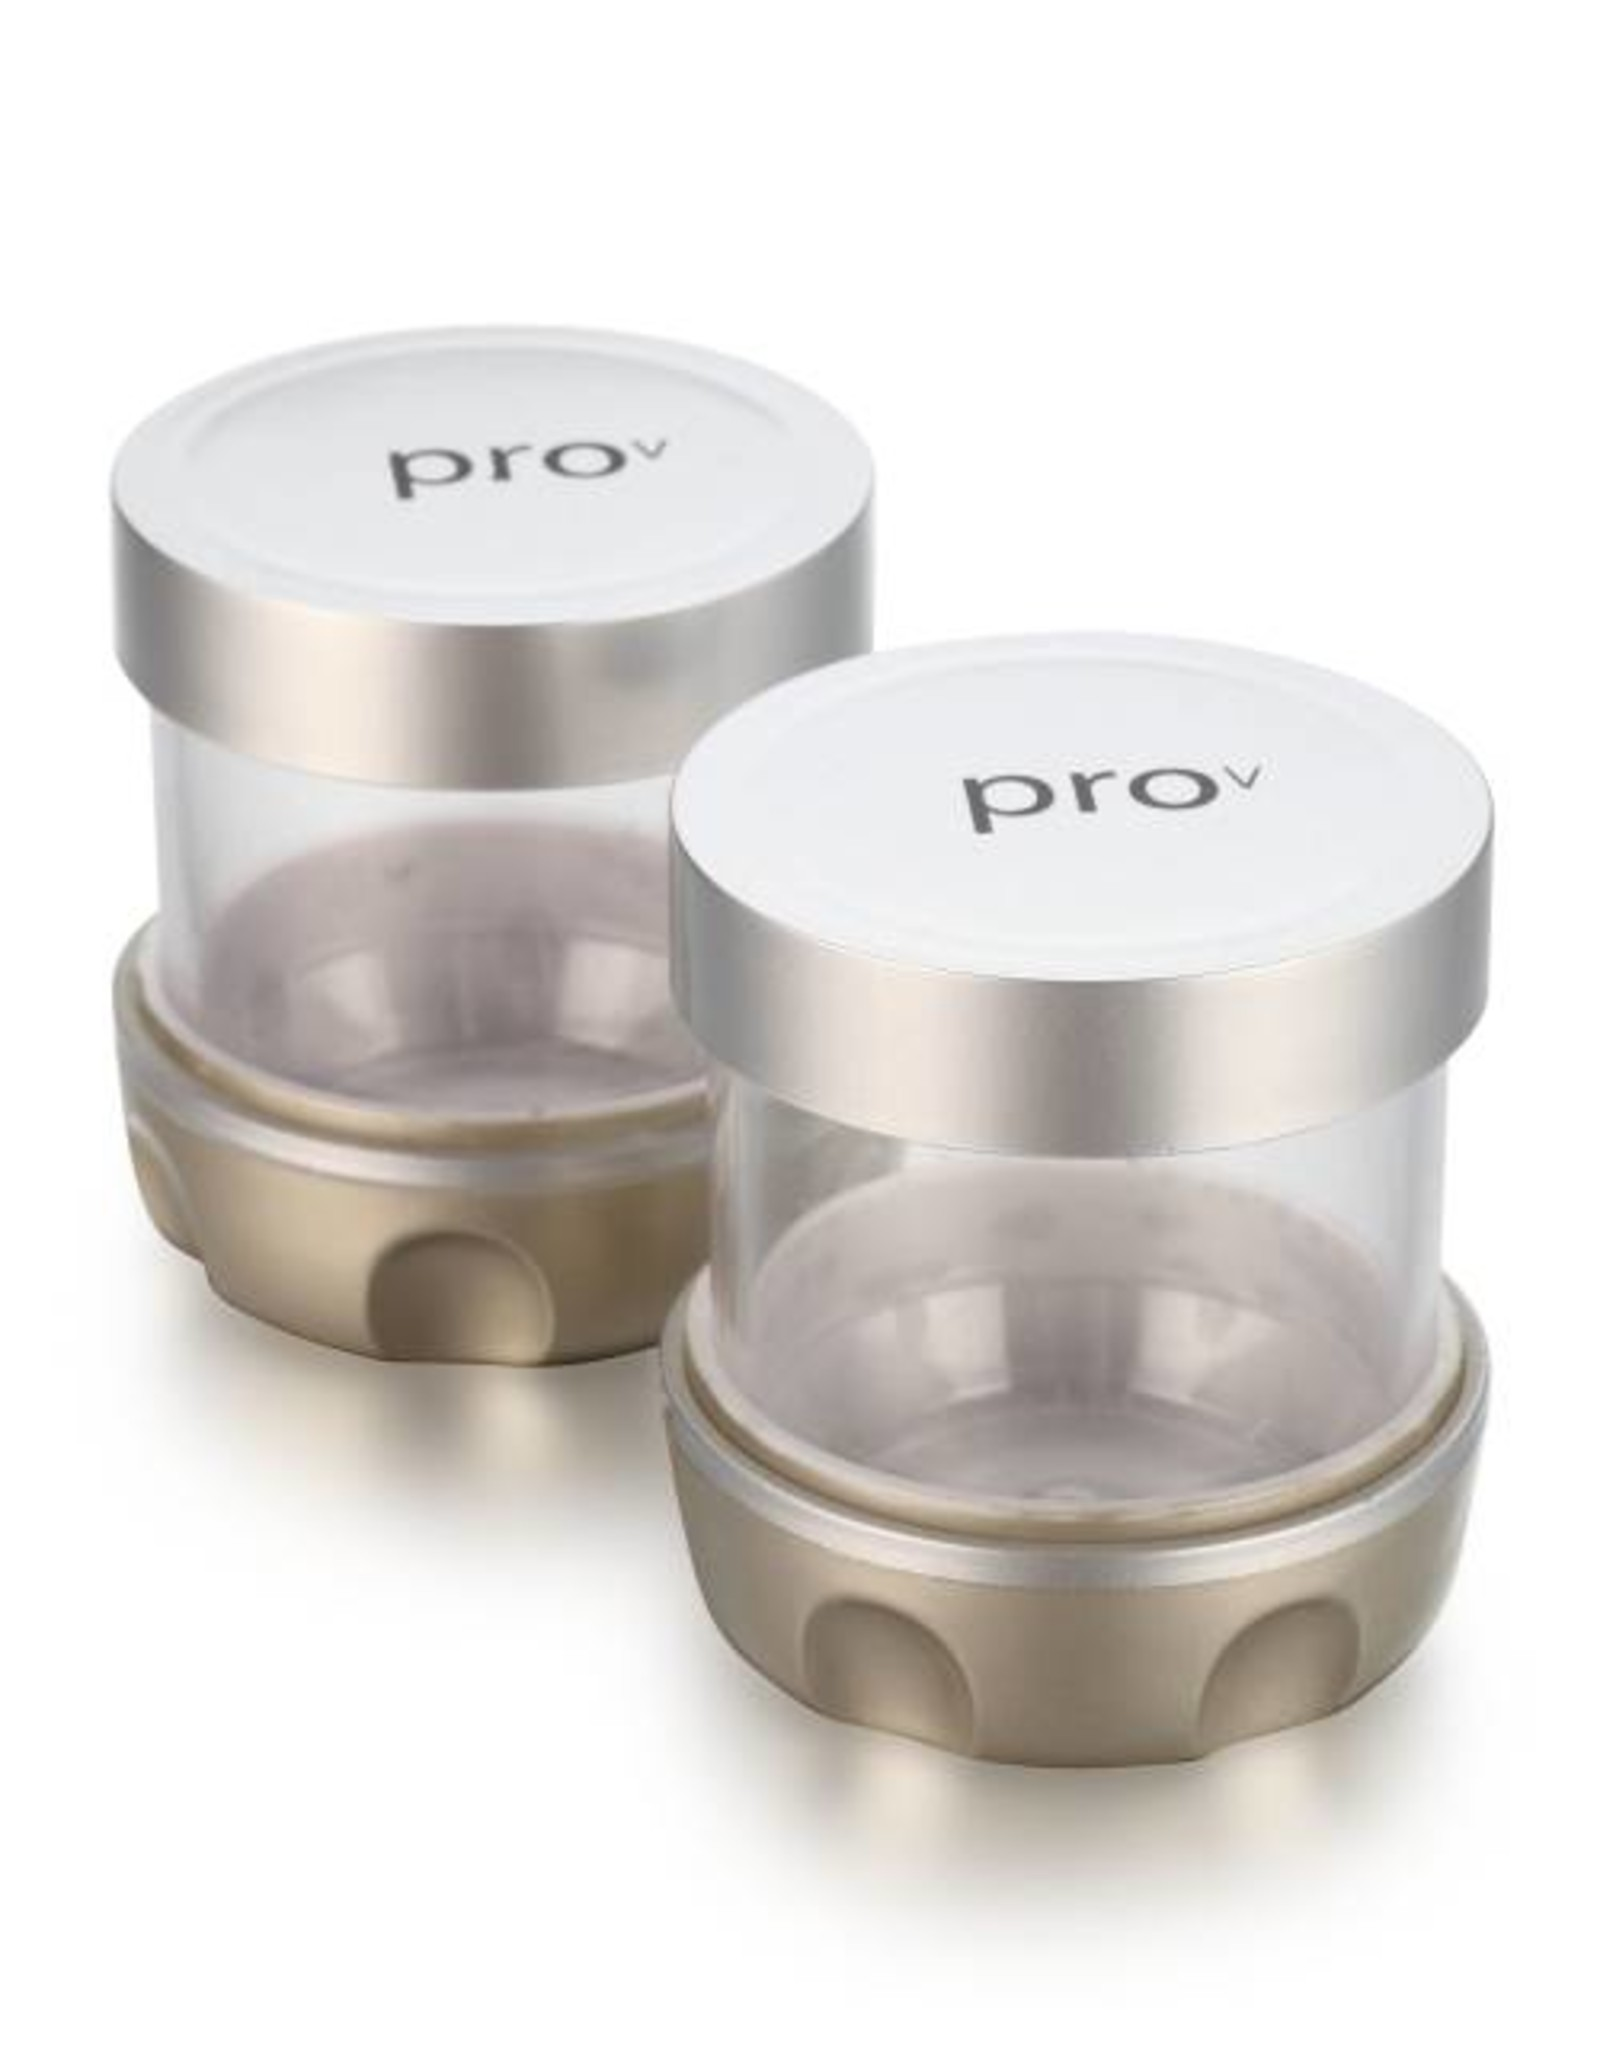 Tanning Essentials Tanning Essentials ProV Spray Tan Systeem – Champagne Gold | HVLP